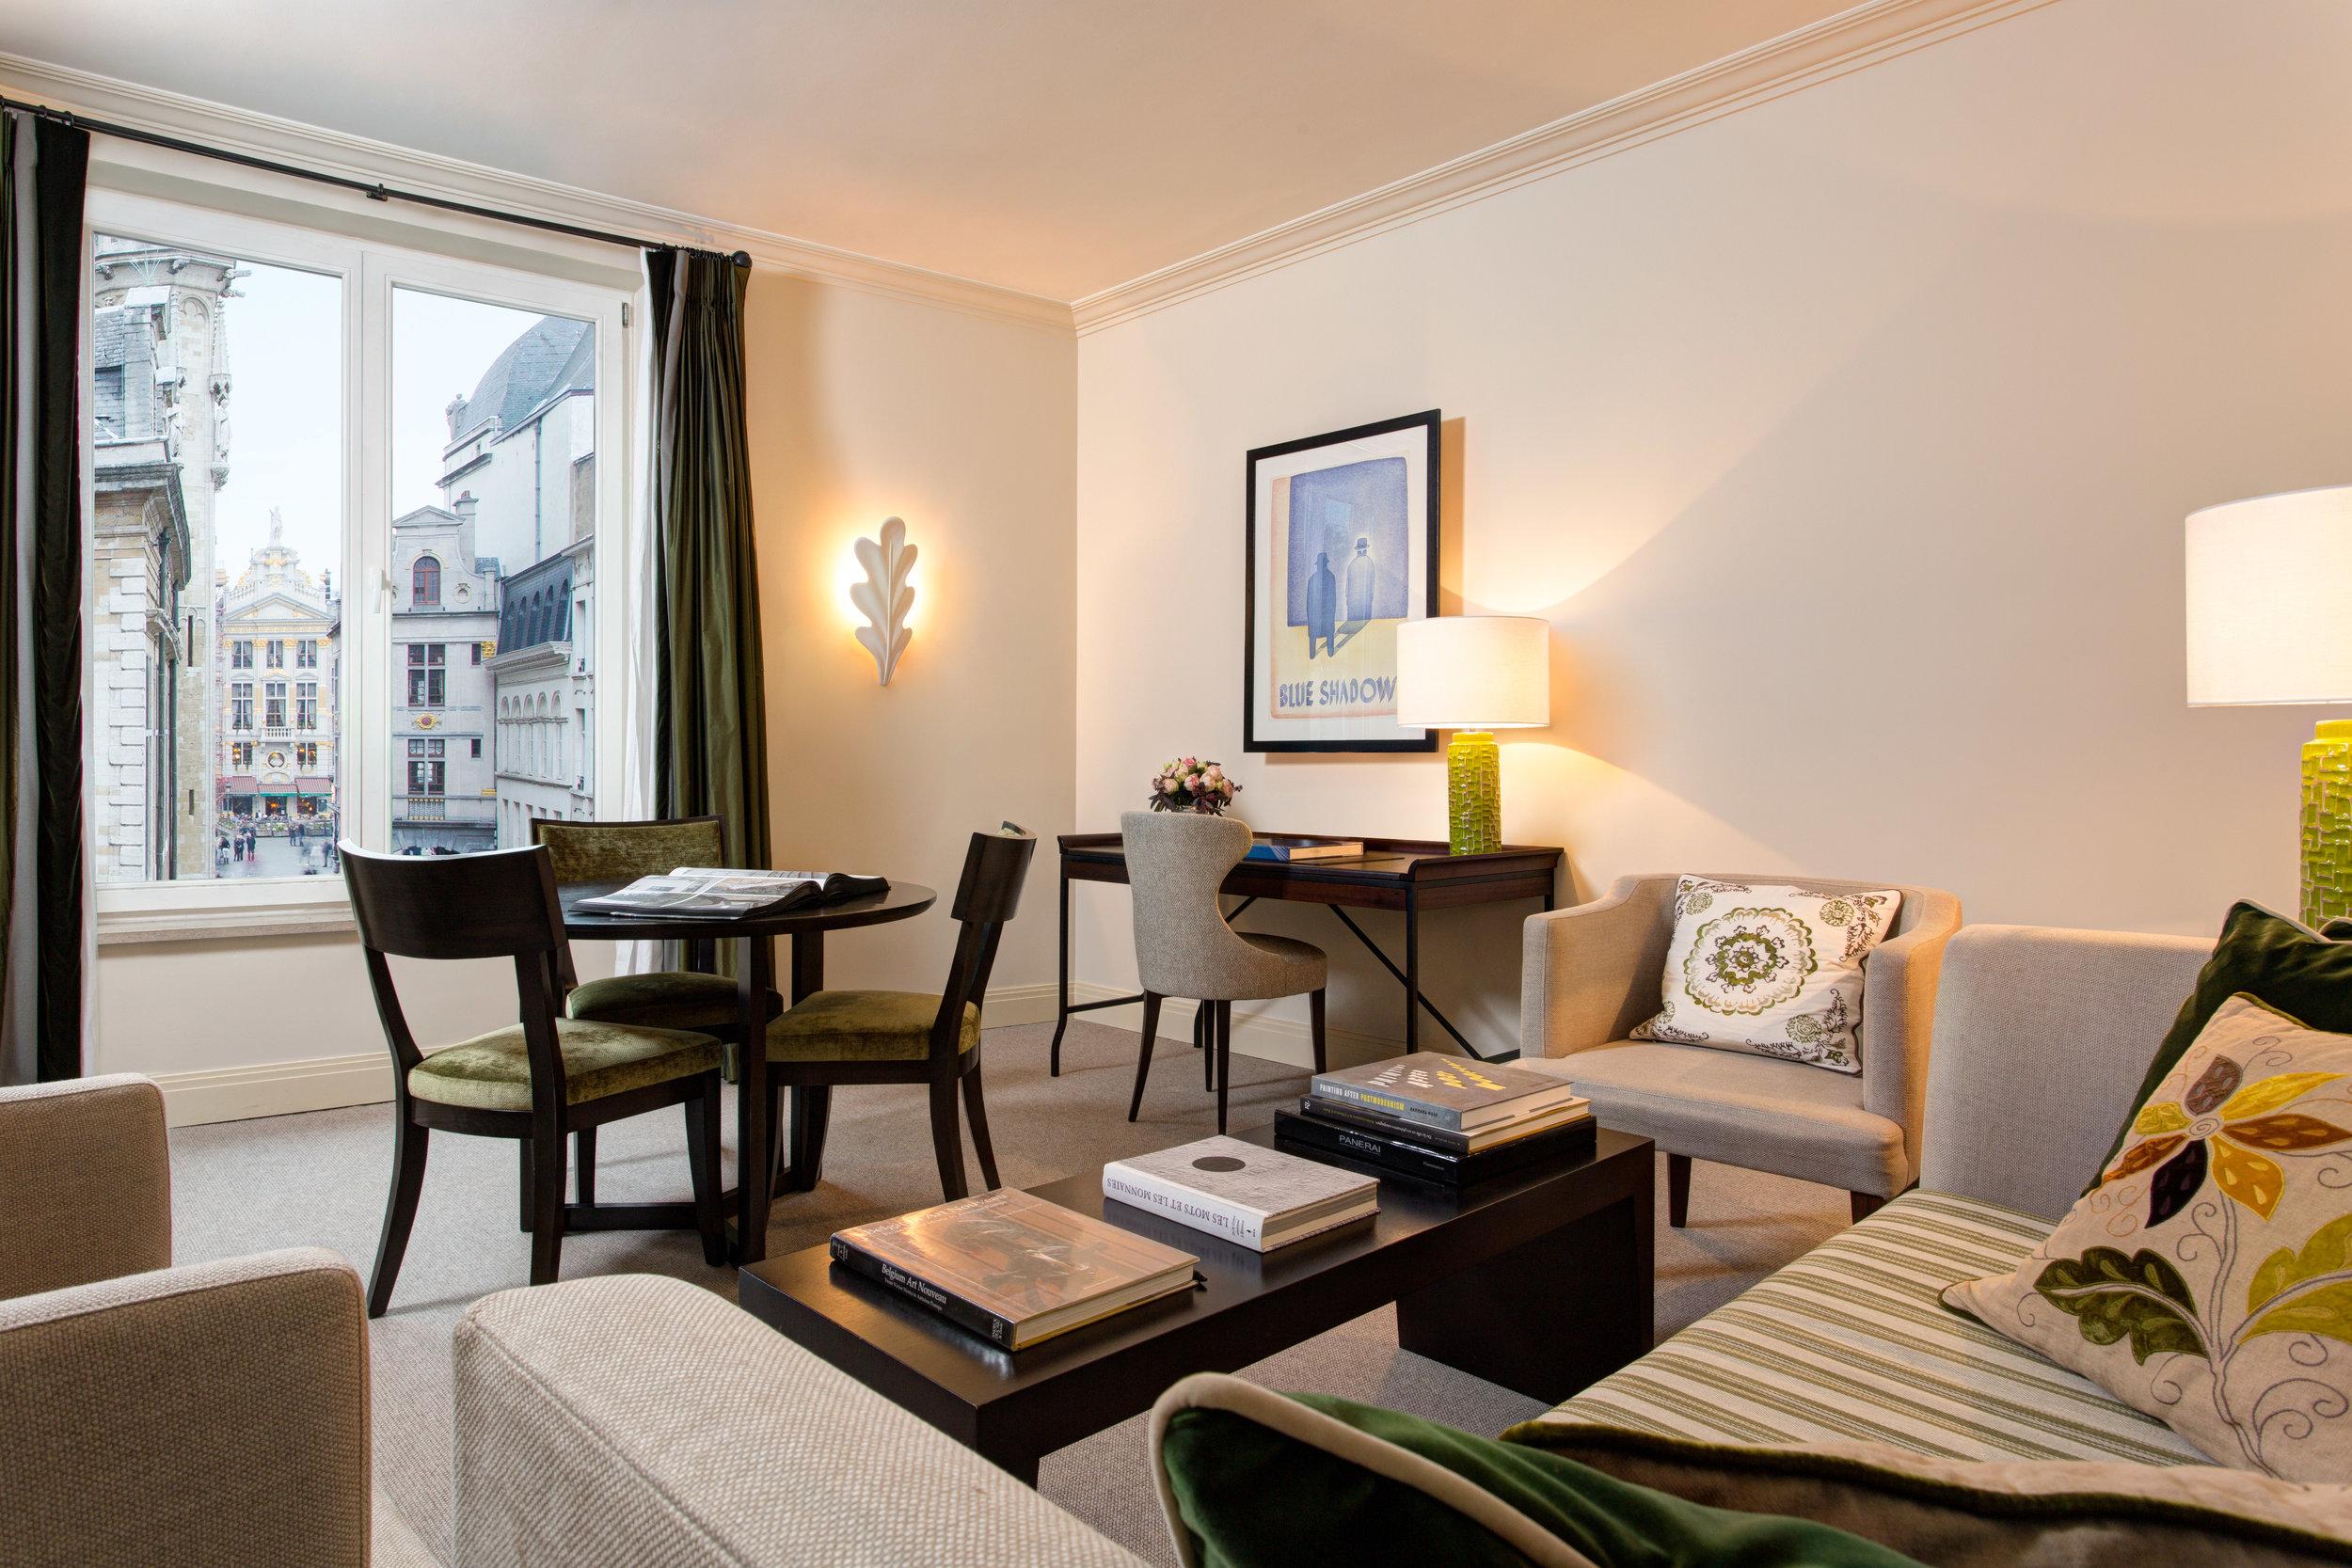 4 RFH Hotel Amigo - Executive Suite 7119 JG Nov 16.jpg